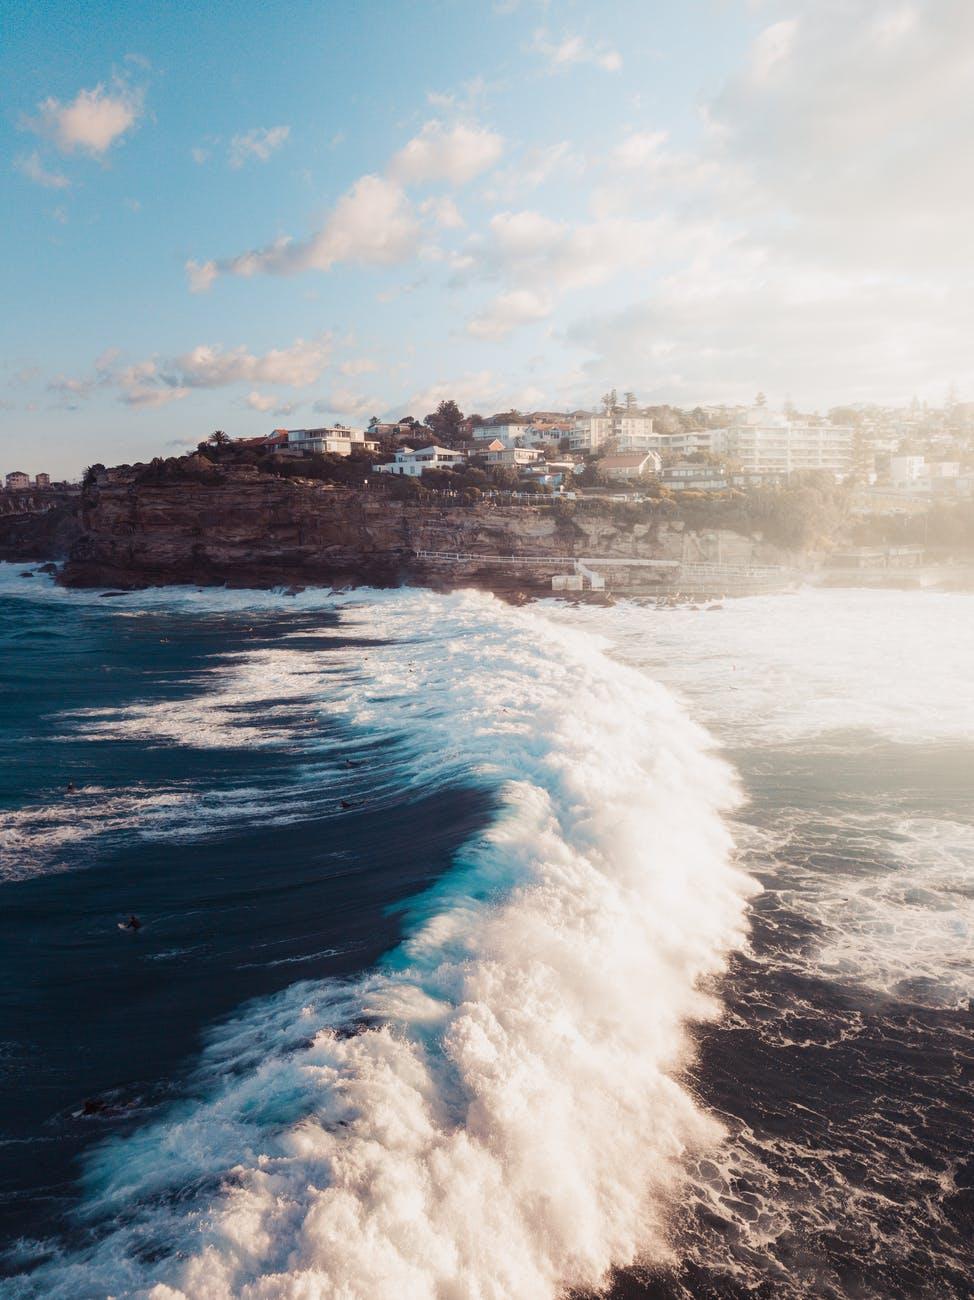 photo of waves on ocean